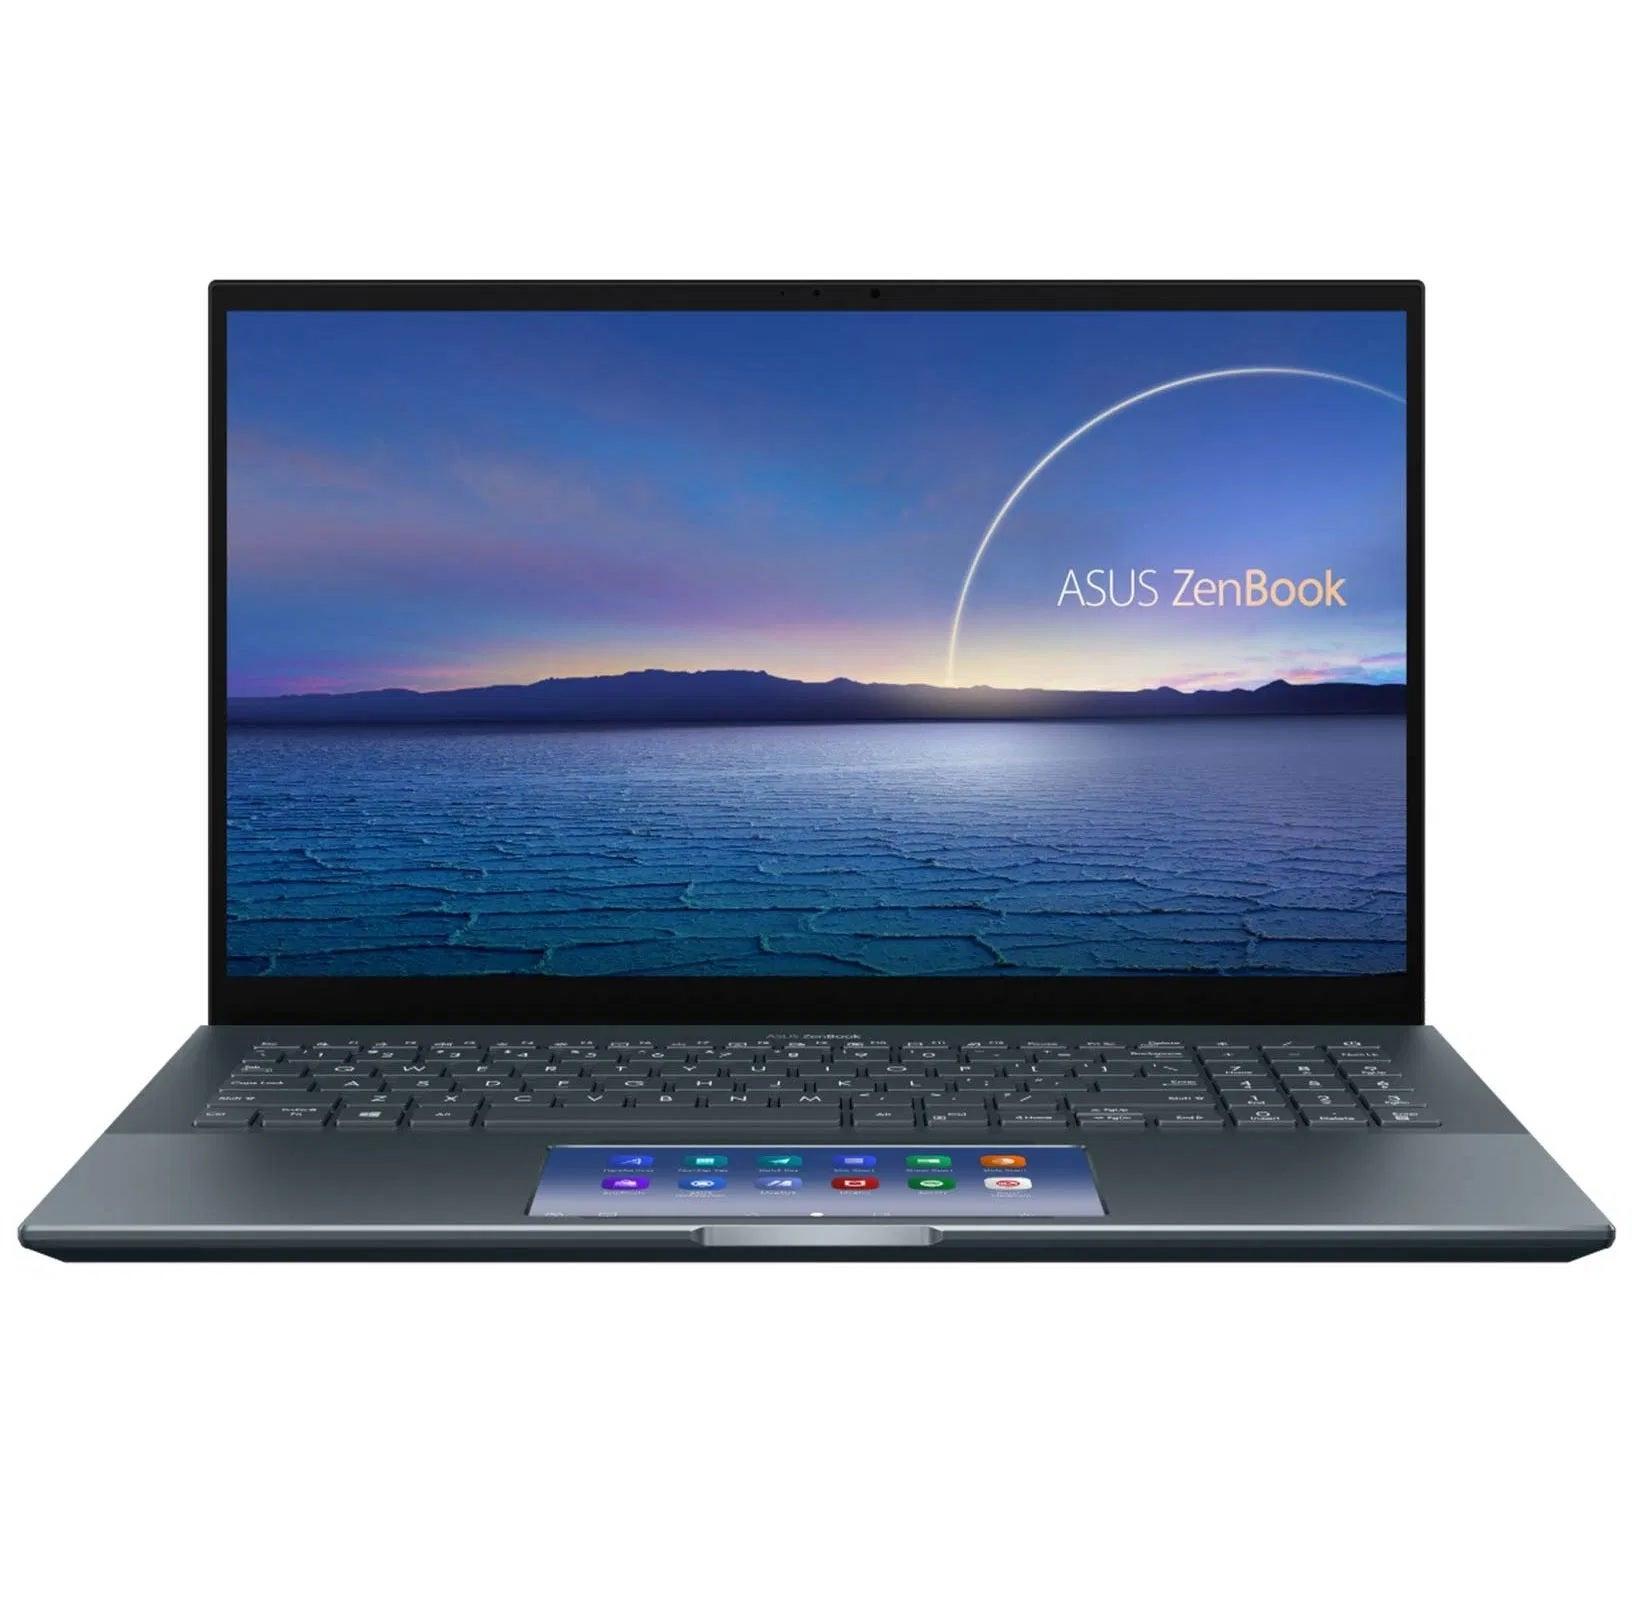 Asus ZenBook Pro UX535 15 inch Laptop